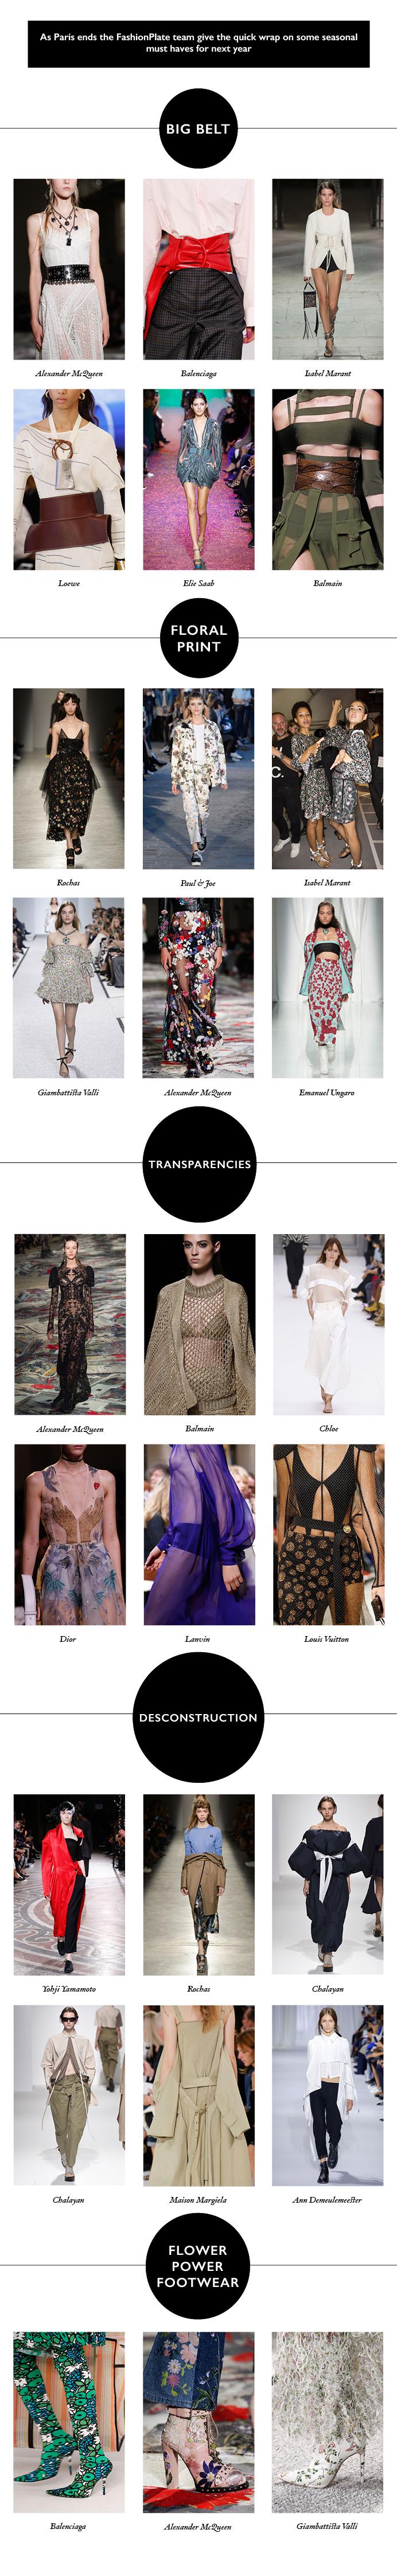 fashionplate_pfw